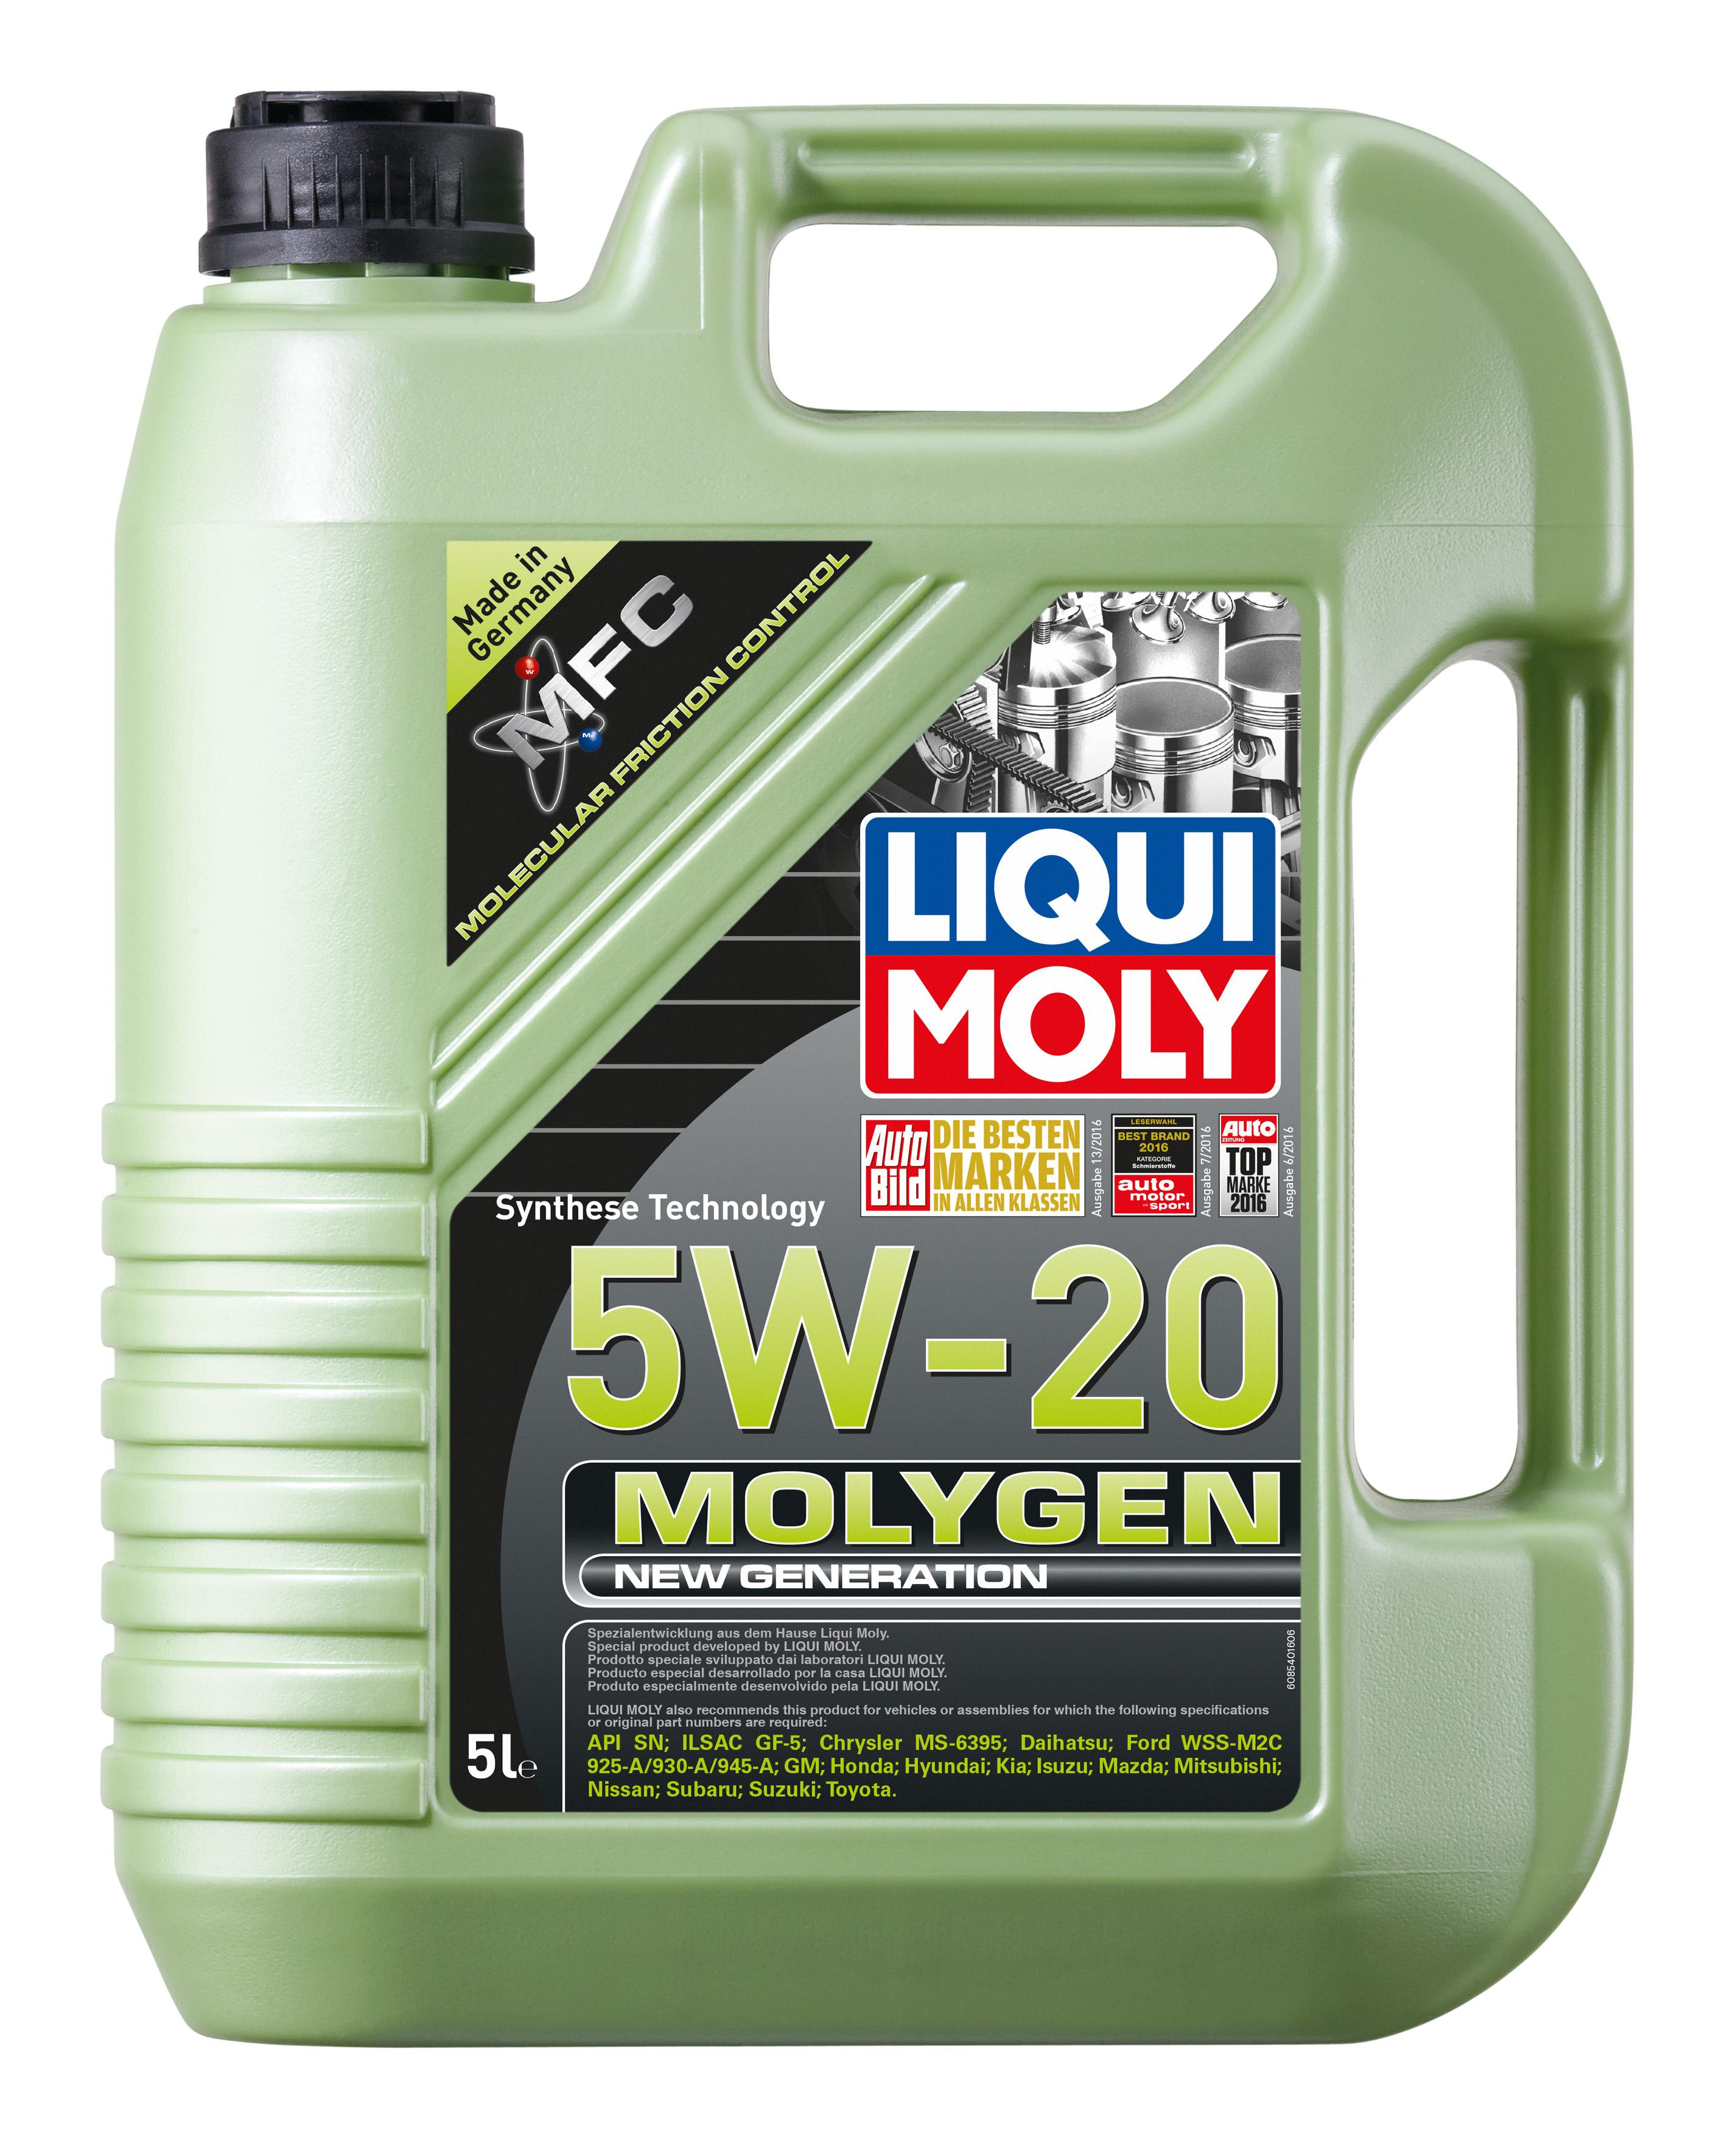 Molygen 5w 20 Liqui Moly